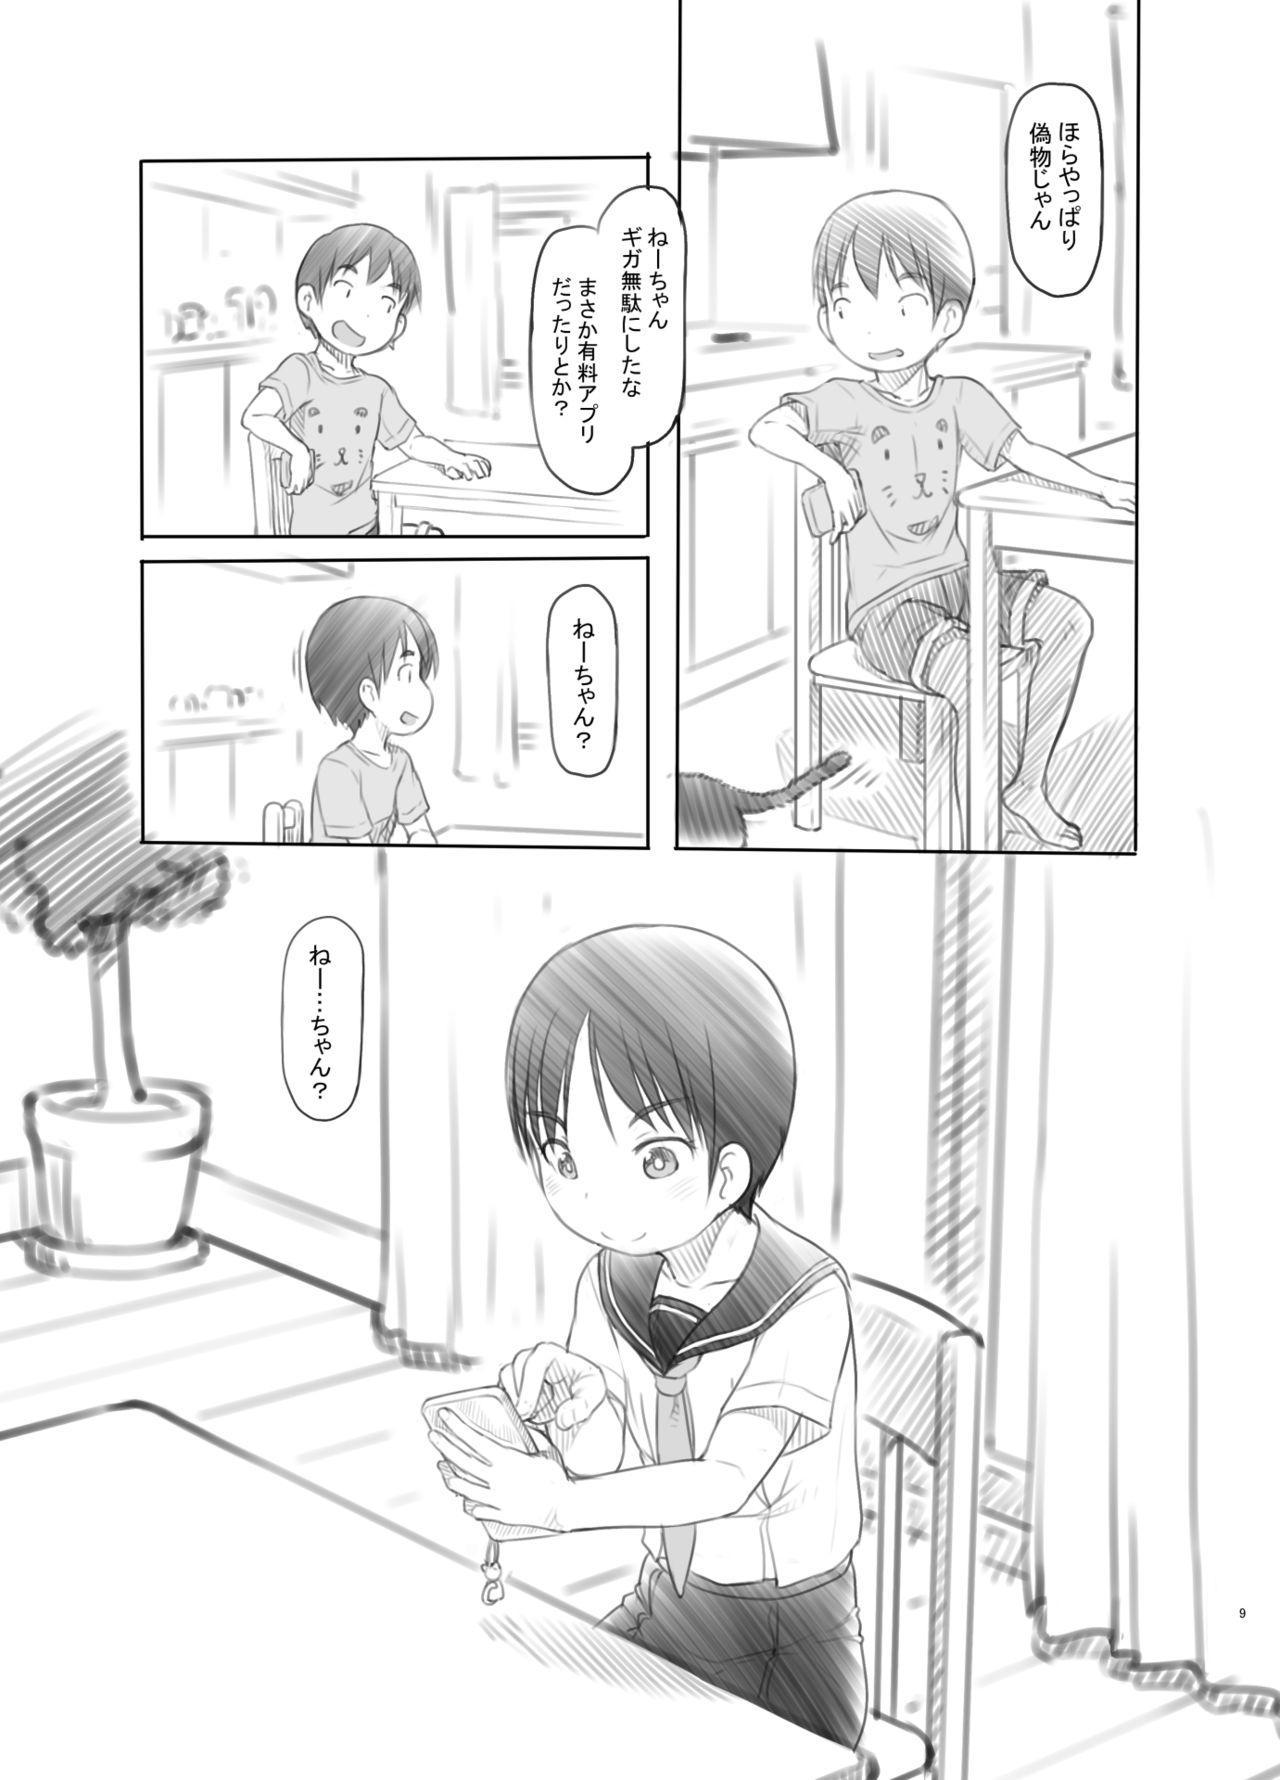 Sei ni Kyoumi ga Detekita Otouto ni Jikan Teishi Appli o Ataete Mita 7